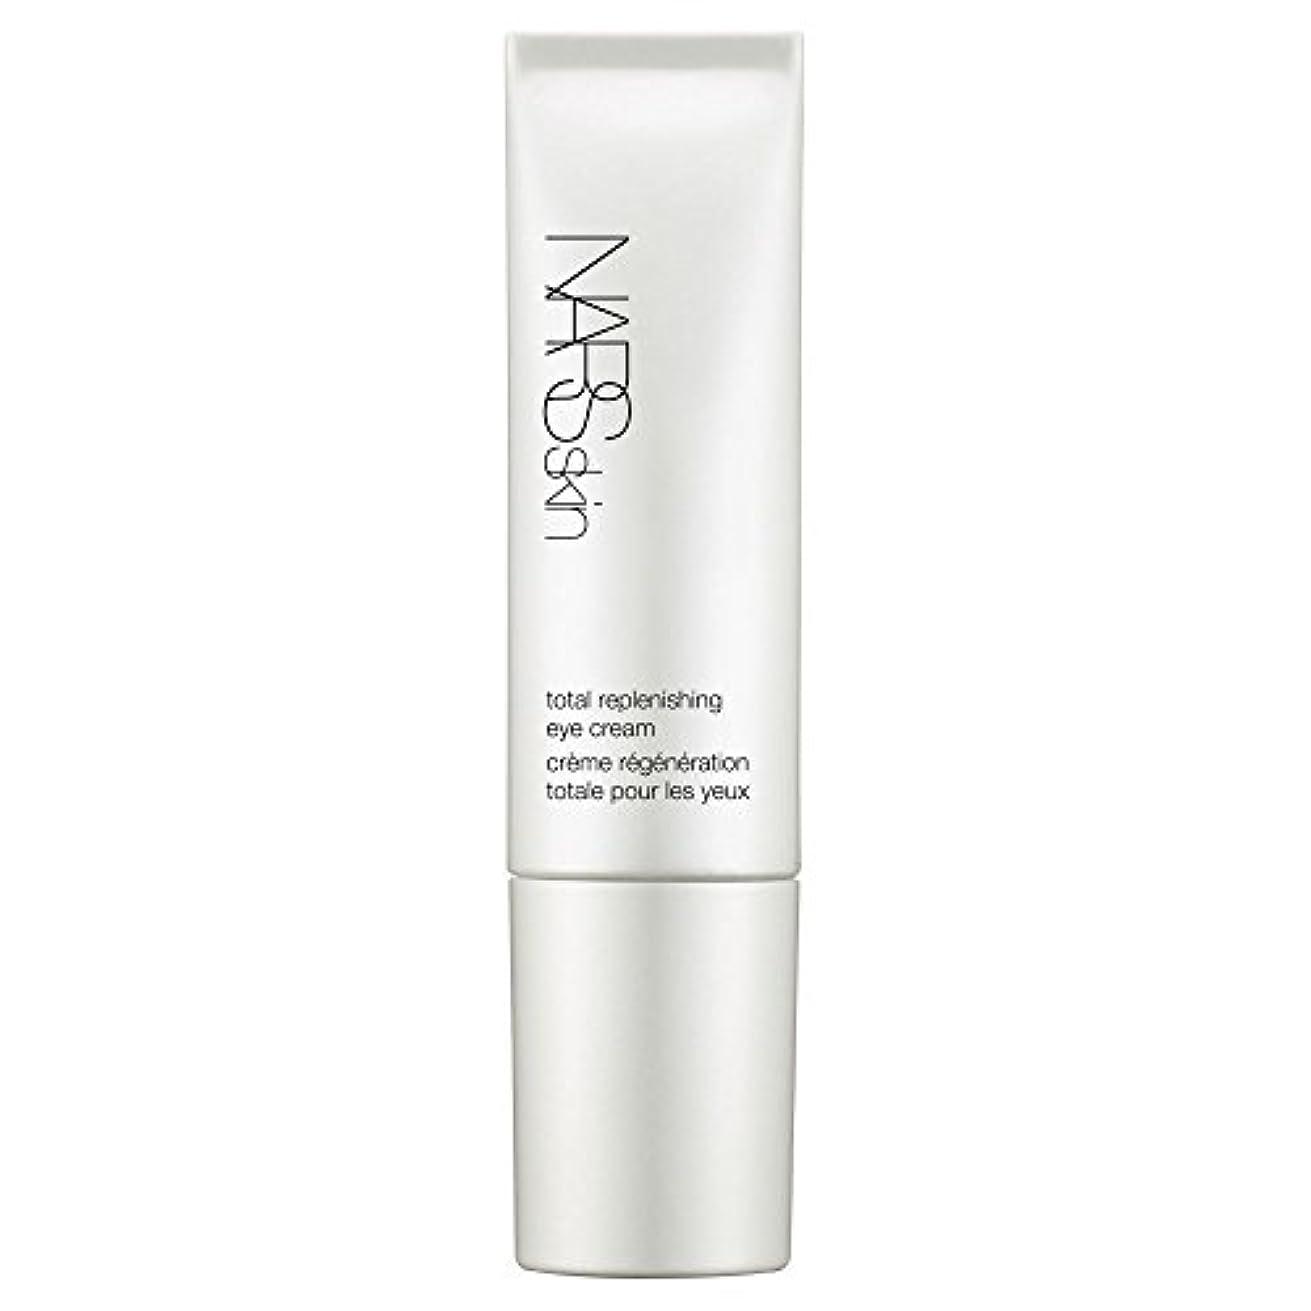 元の交差点眉をひそめる[NARS] Narsskin総補充アイクリーム15Ml - Narsskin Total Replenishing Eye Cream 15ml [並行輸入品]